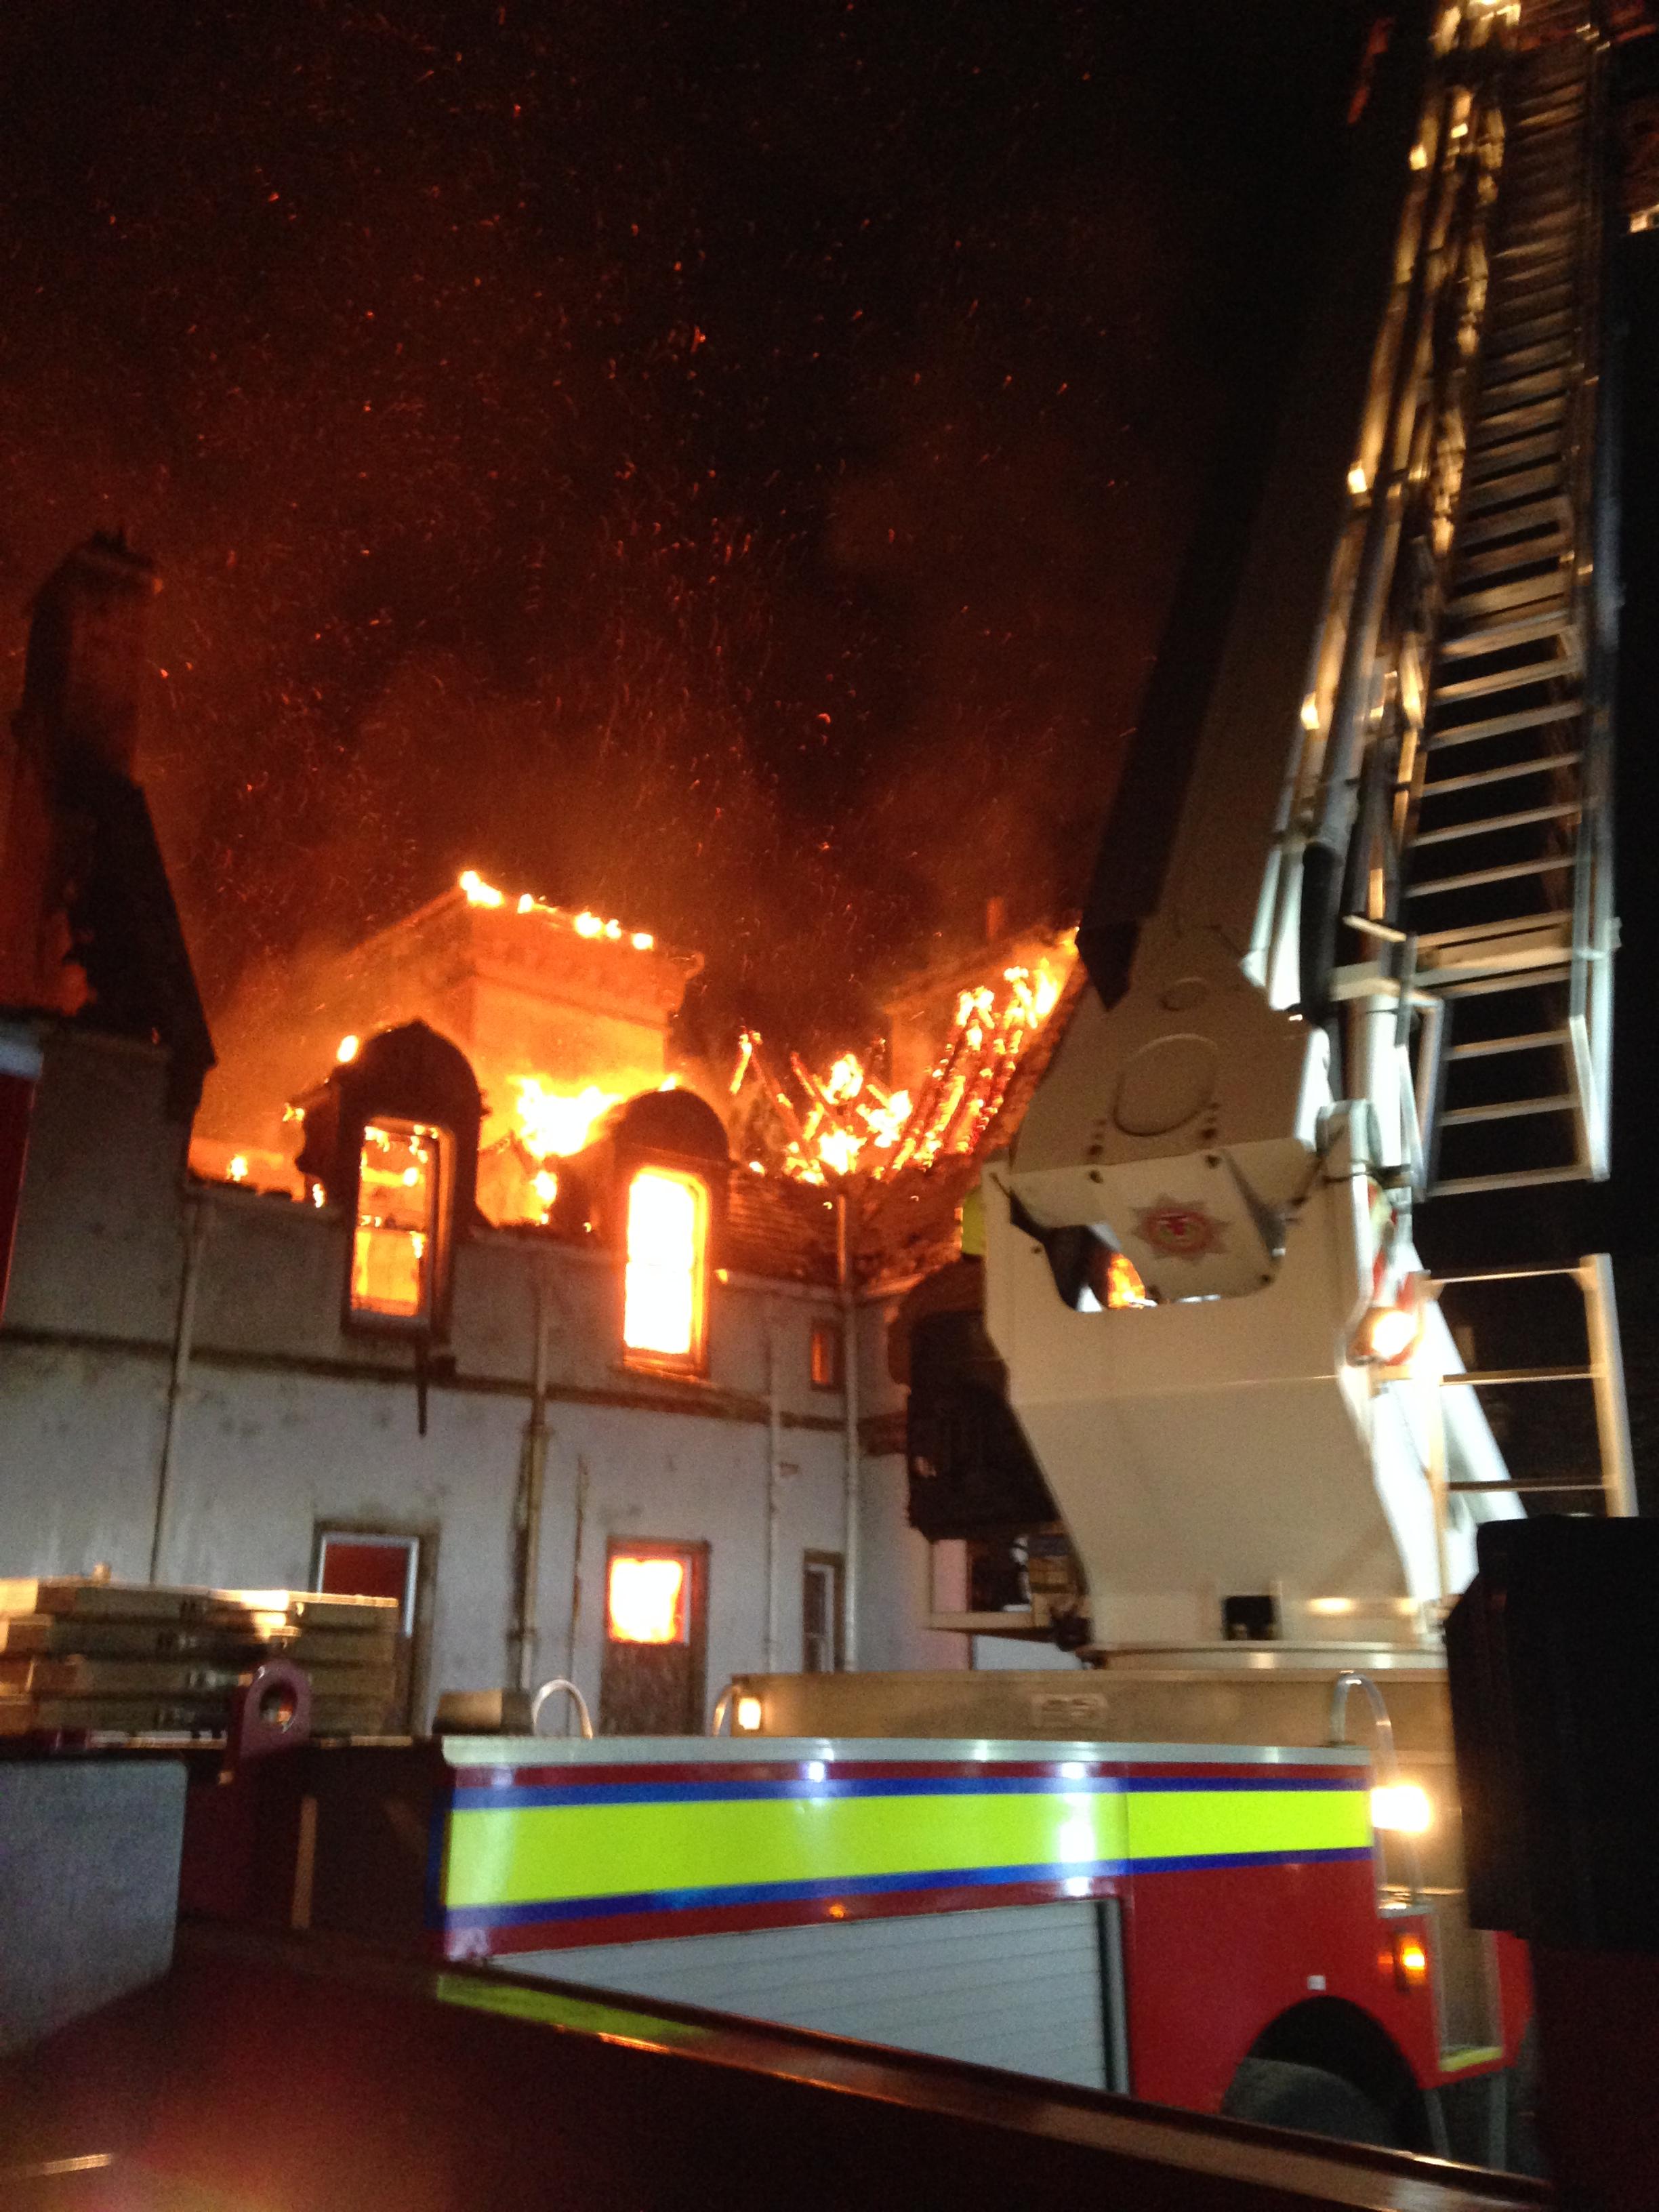 Major fire at Dunain House, Inverness